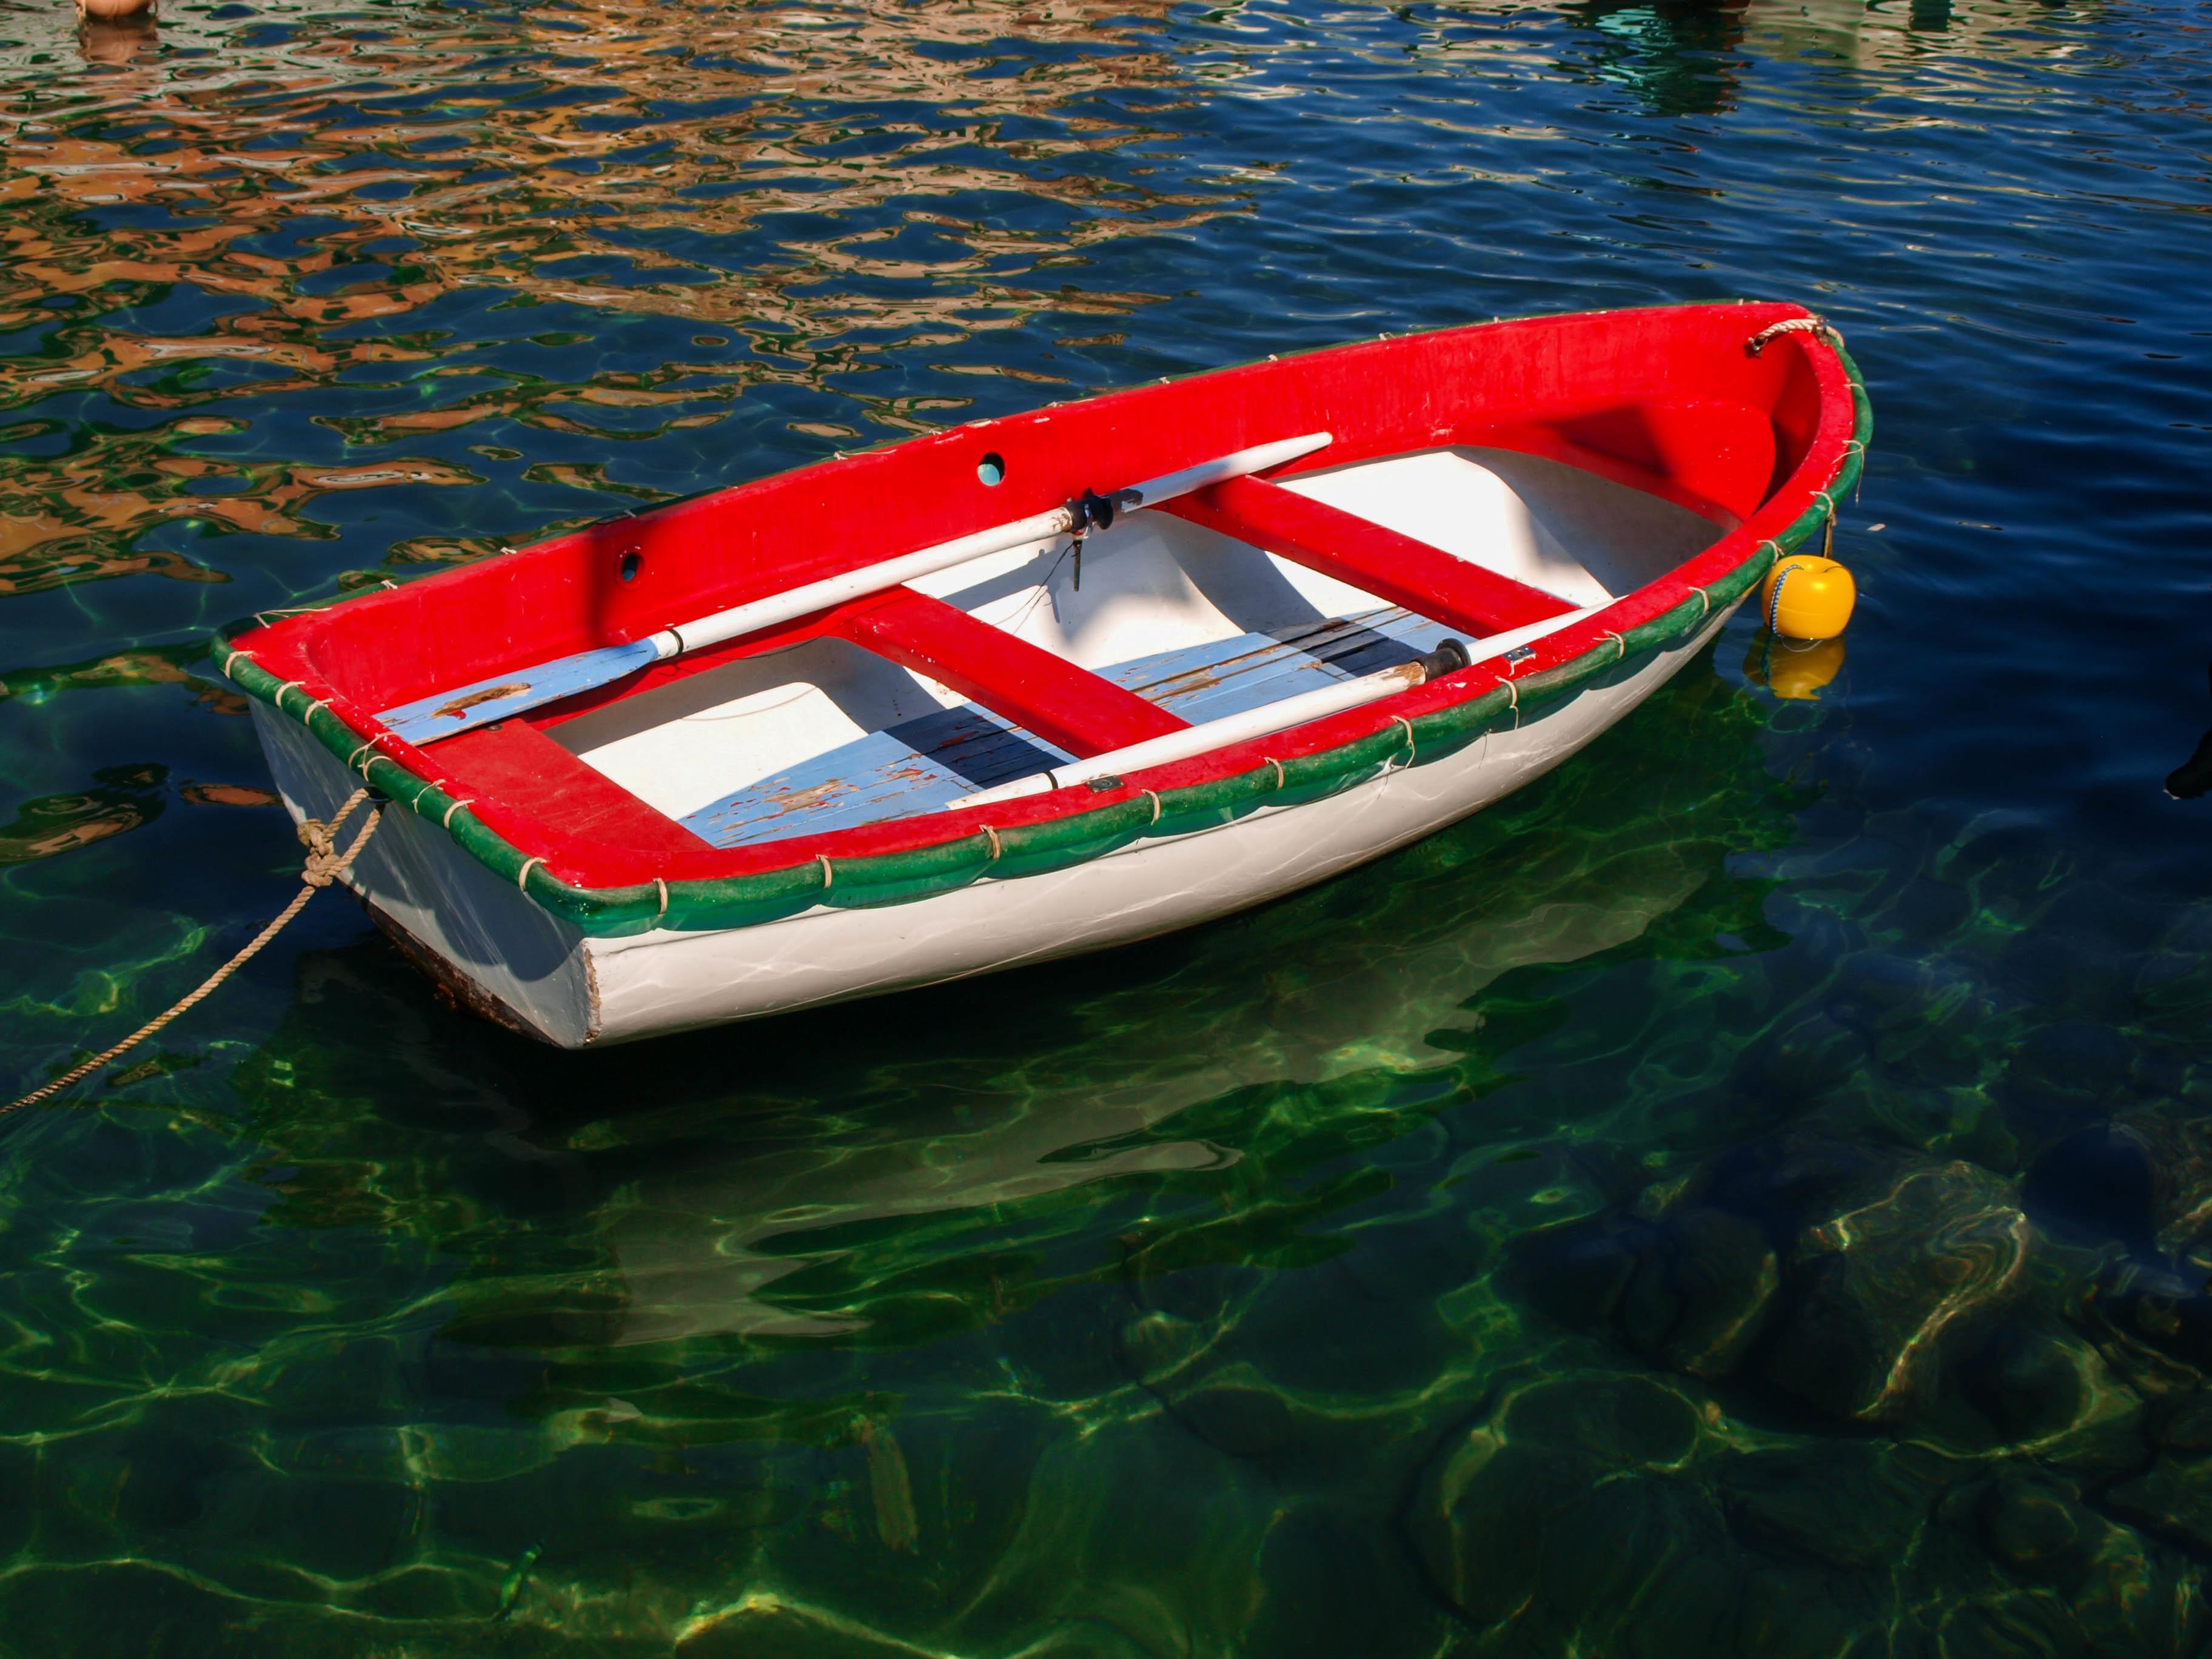 самых известных фото картинок лодок помощью можно